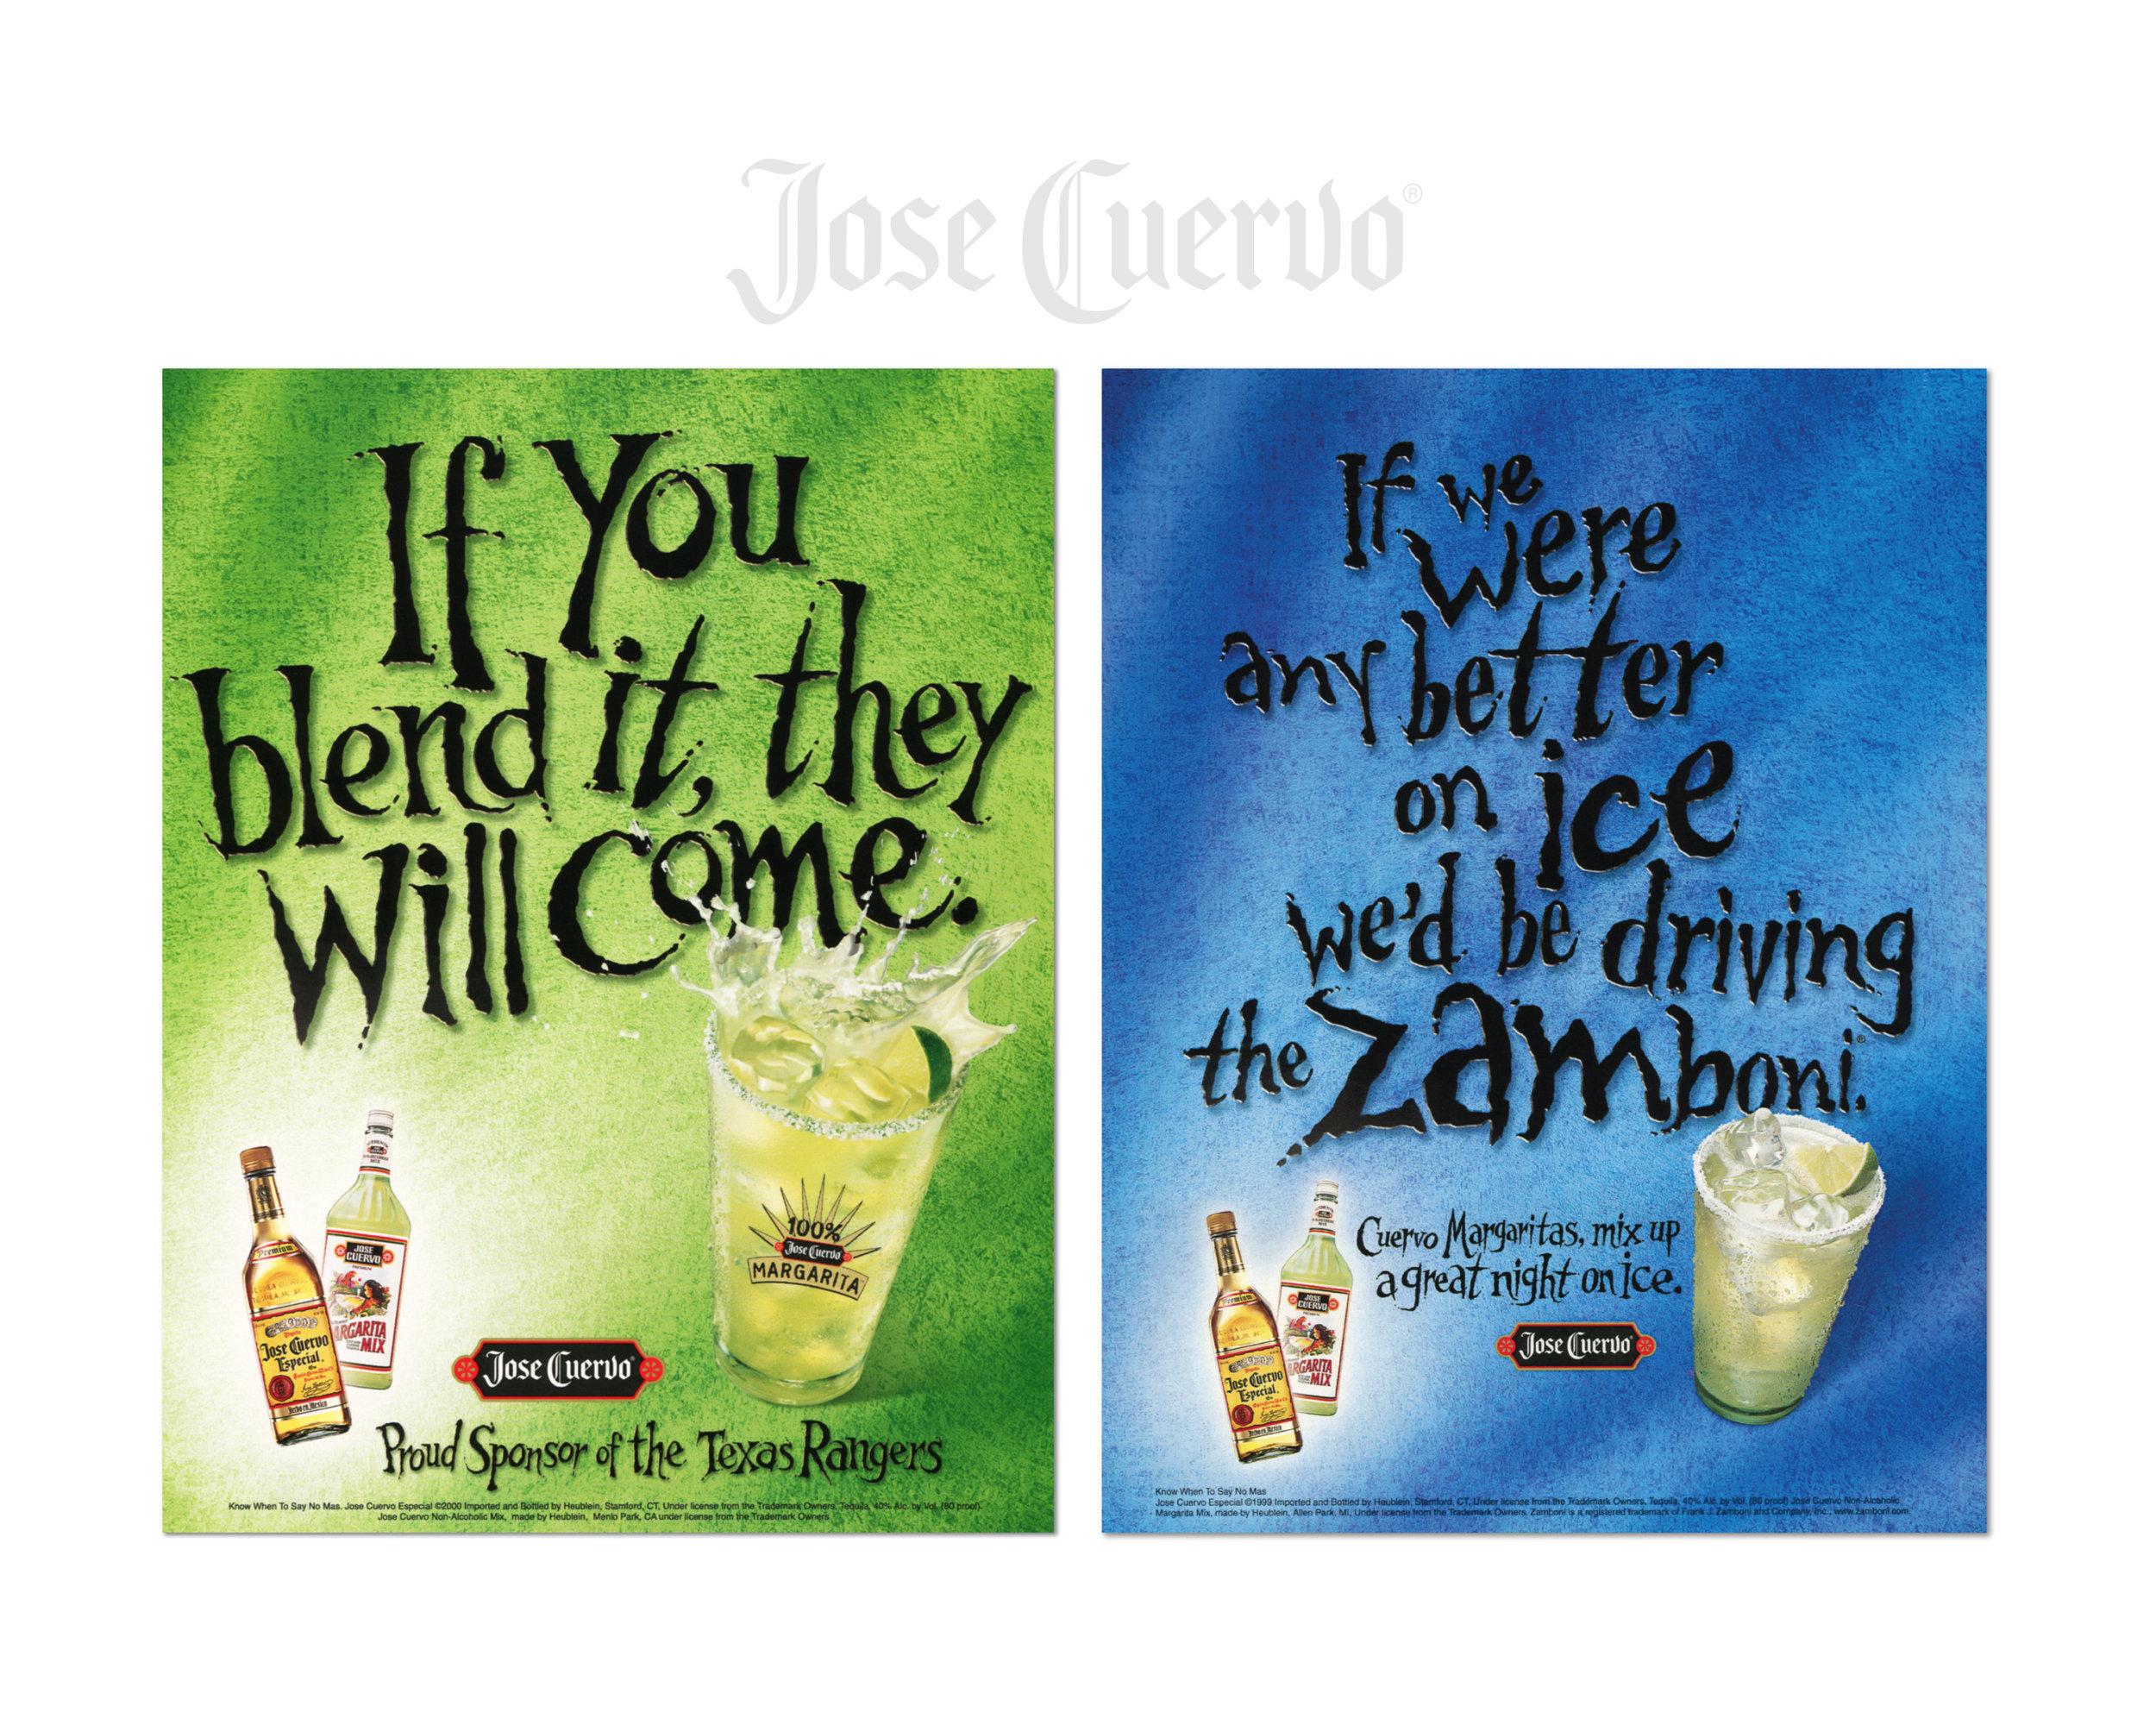 JOSE CUERVO ADS 2.jpg